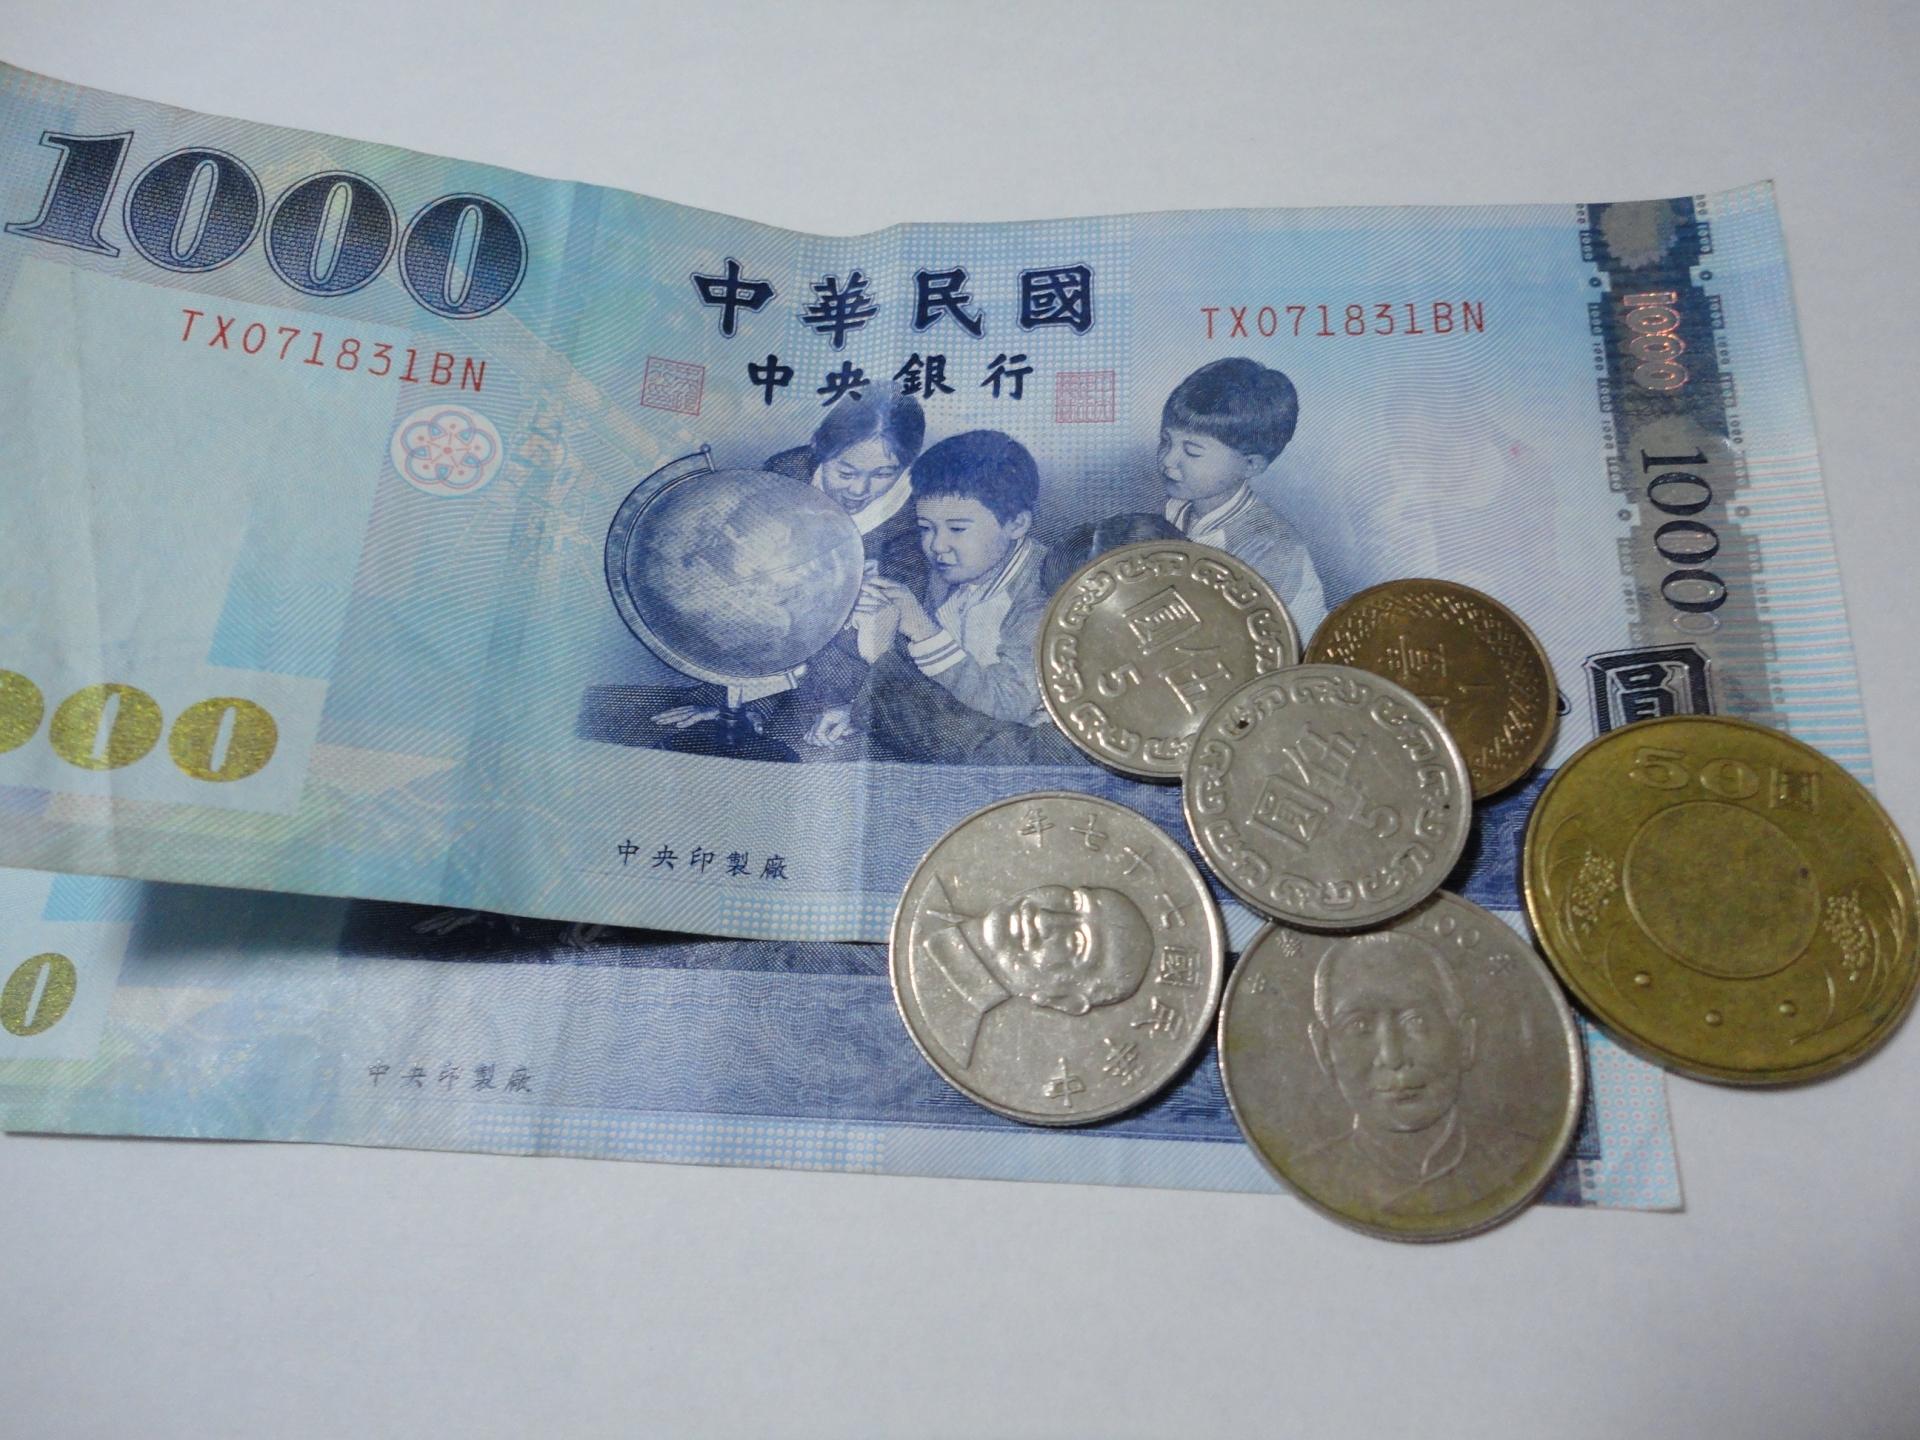 台湾旅行での旅費どれくらいかかる?お小遣いの予算立てもしておこう!